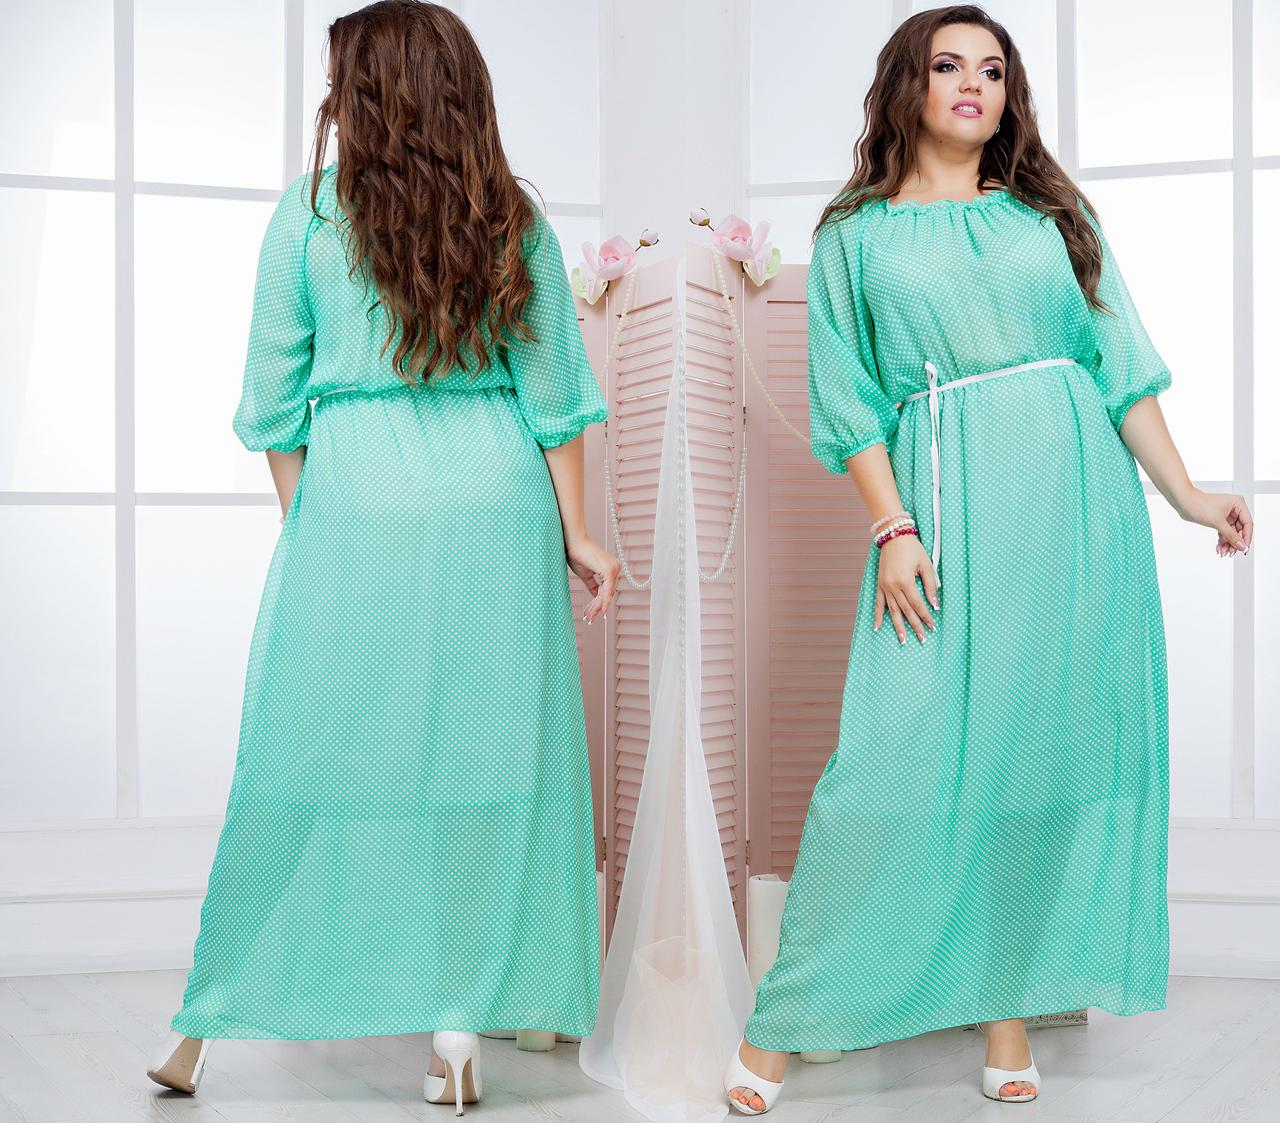 b74c61a9f266235 Длинное шифоновое платье, размер 42-44, 46-48, 50-52, 54-56, 58-60 ...